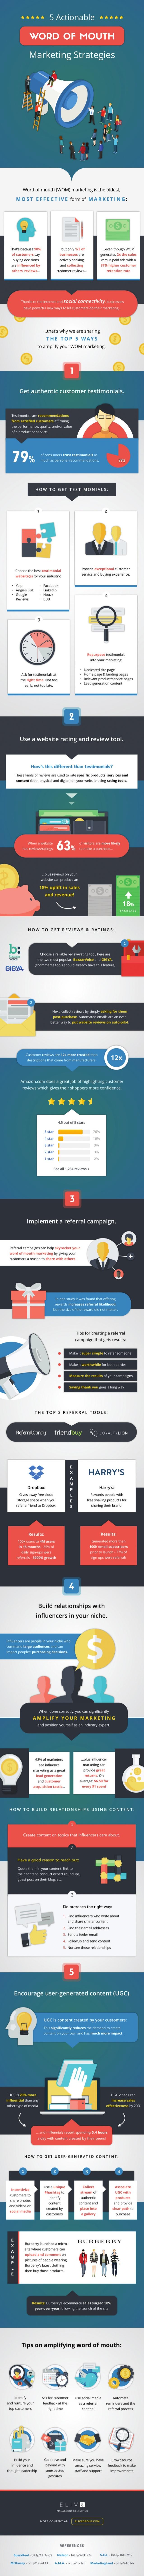 5 estrategias de marketing boca a boca